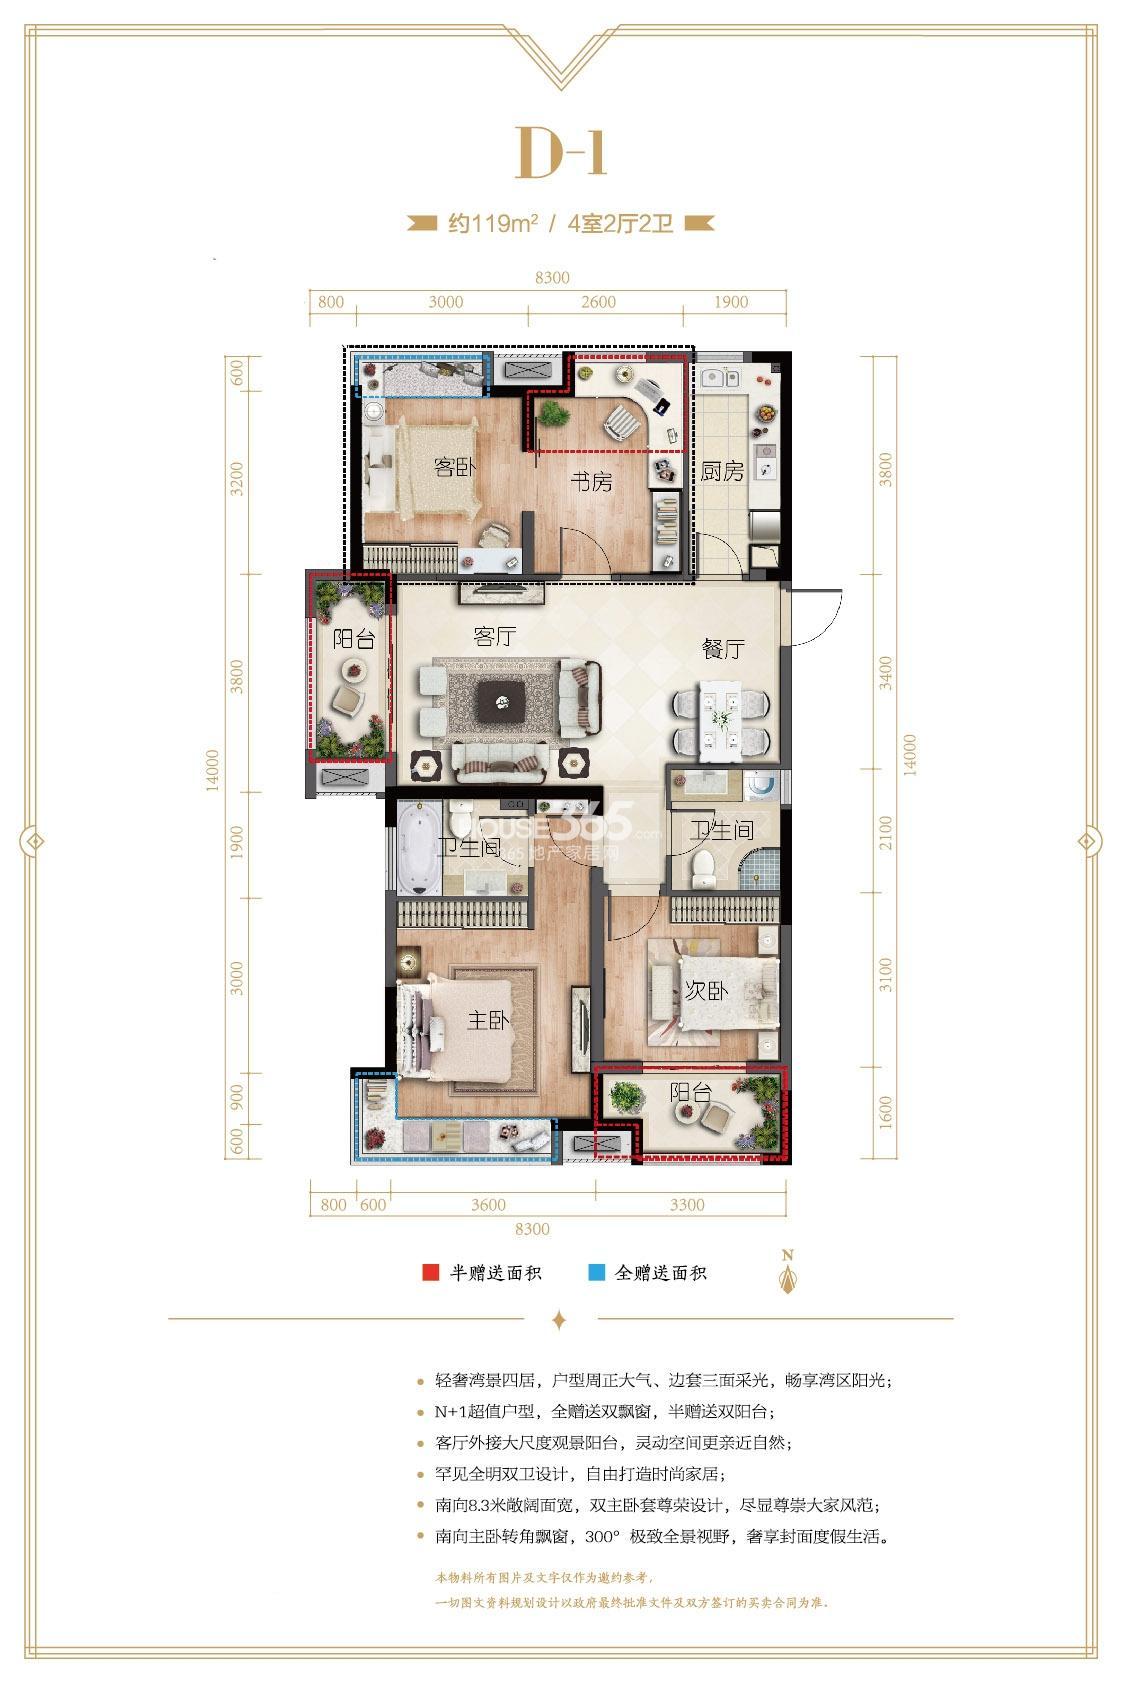 融创瑷颐湾D-1户型119方4室2厅2卫